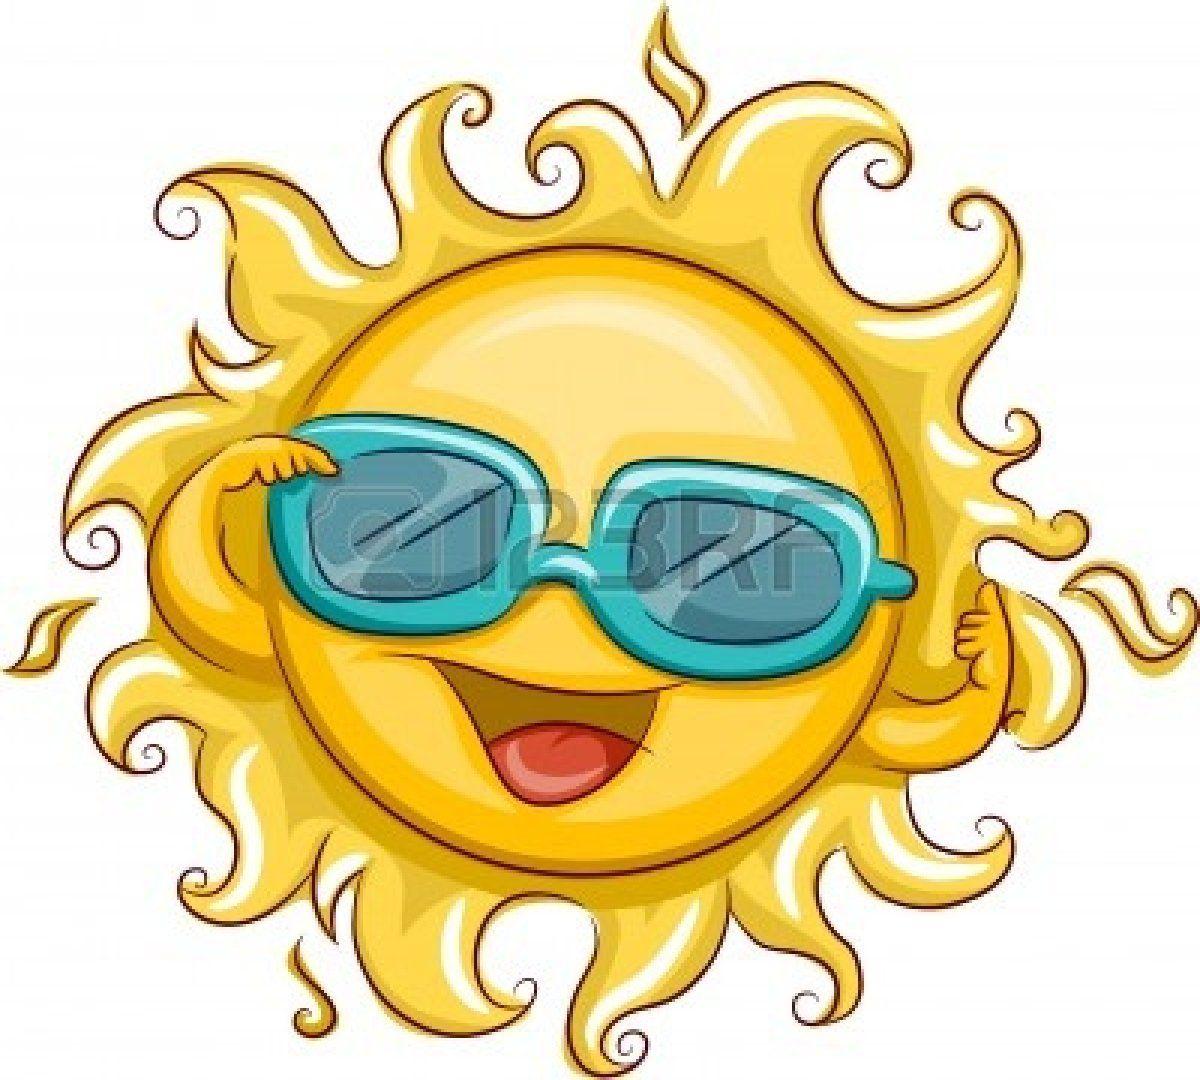 fun in the happy sun clip art images school clipart fusion rh pinterest com Happy Sun Graphic happy sun clipart black and white